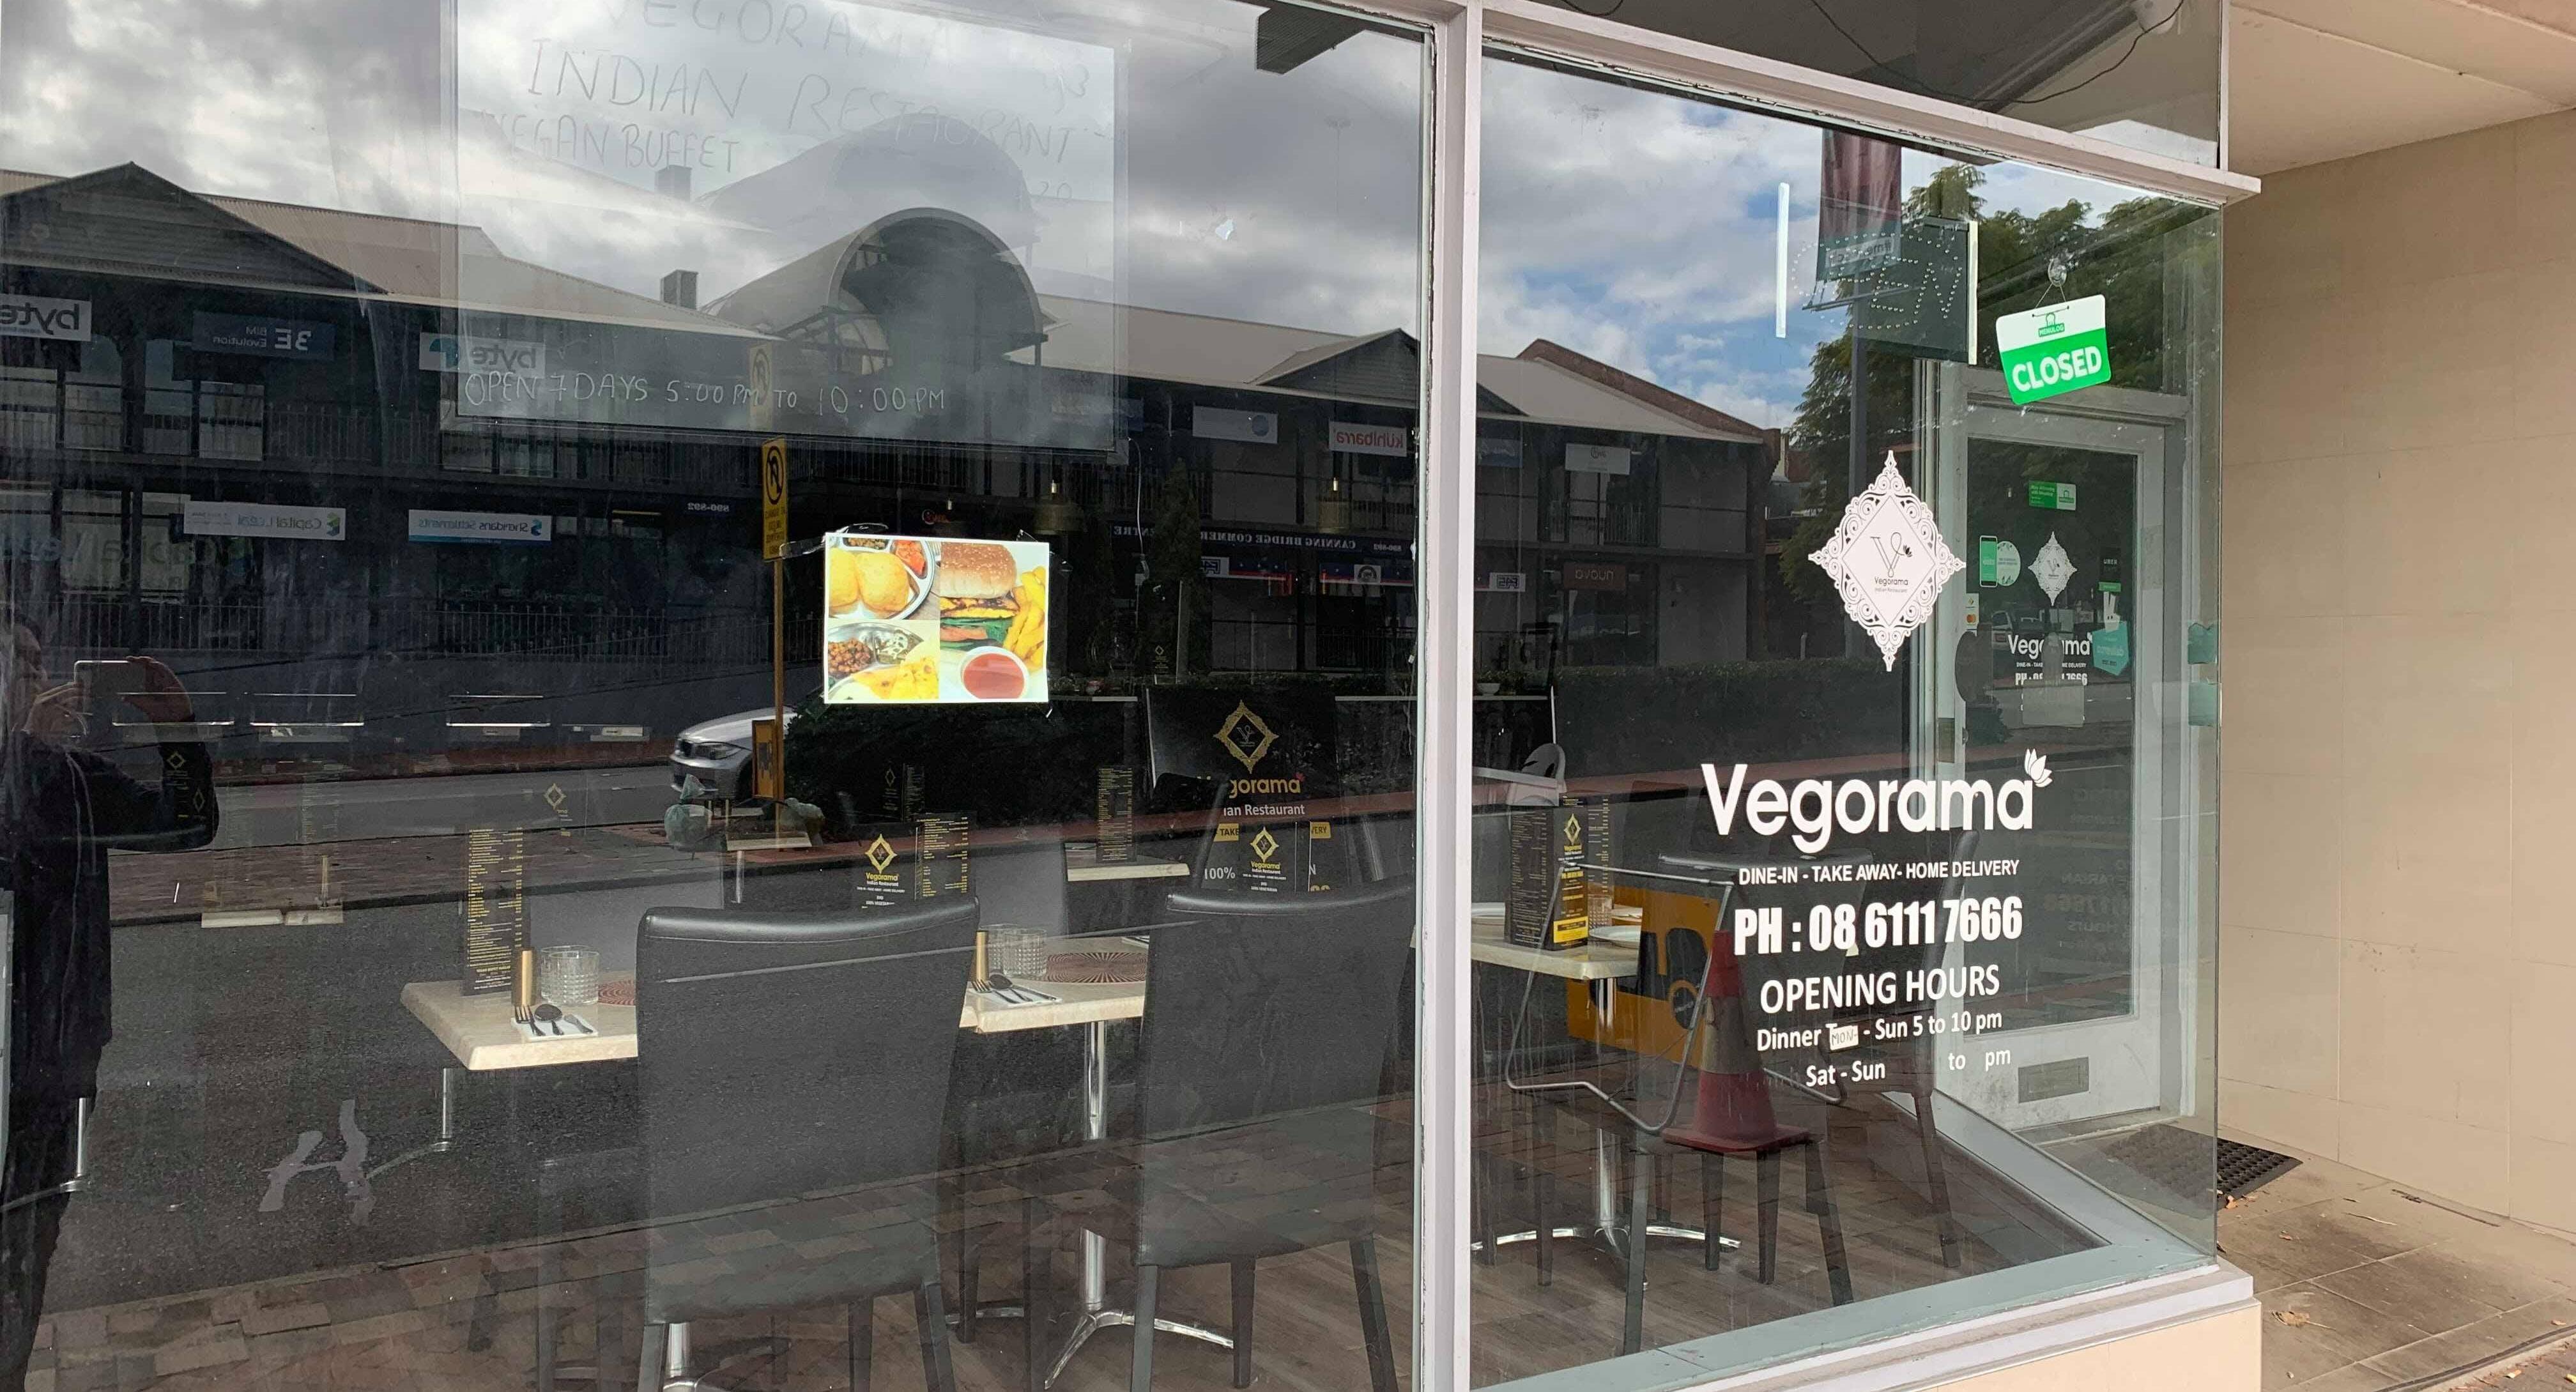 Vegorama Indian Restaurant Perth image 1